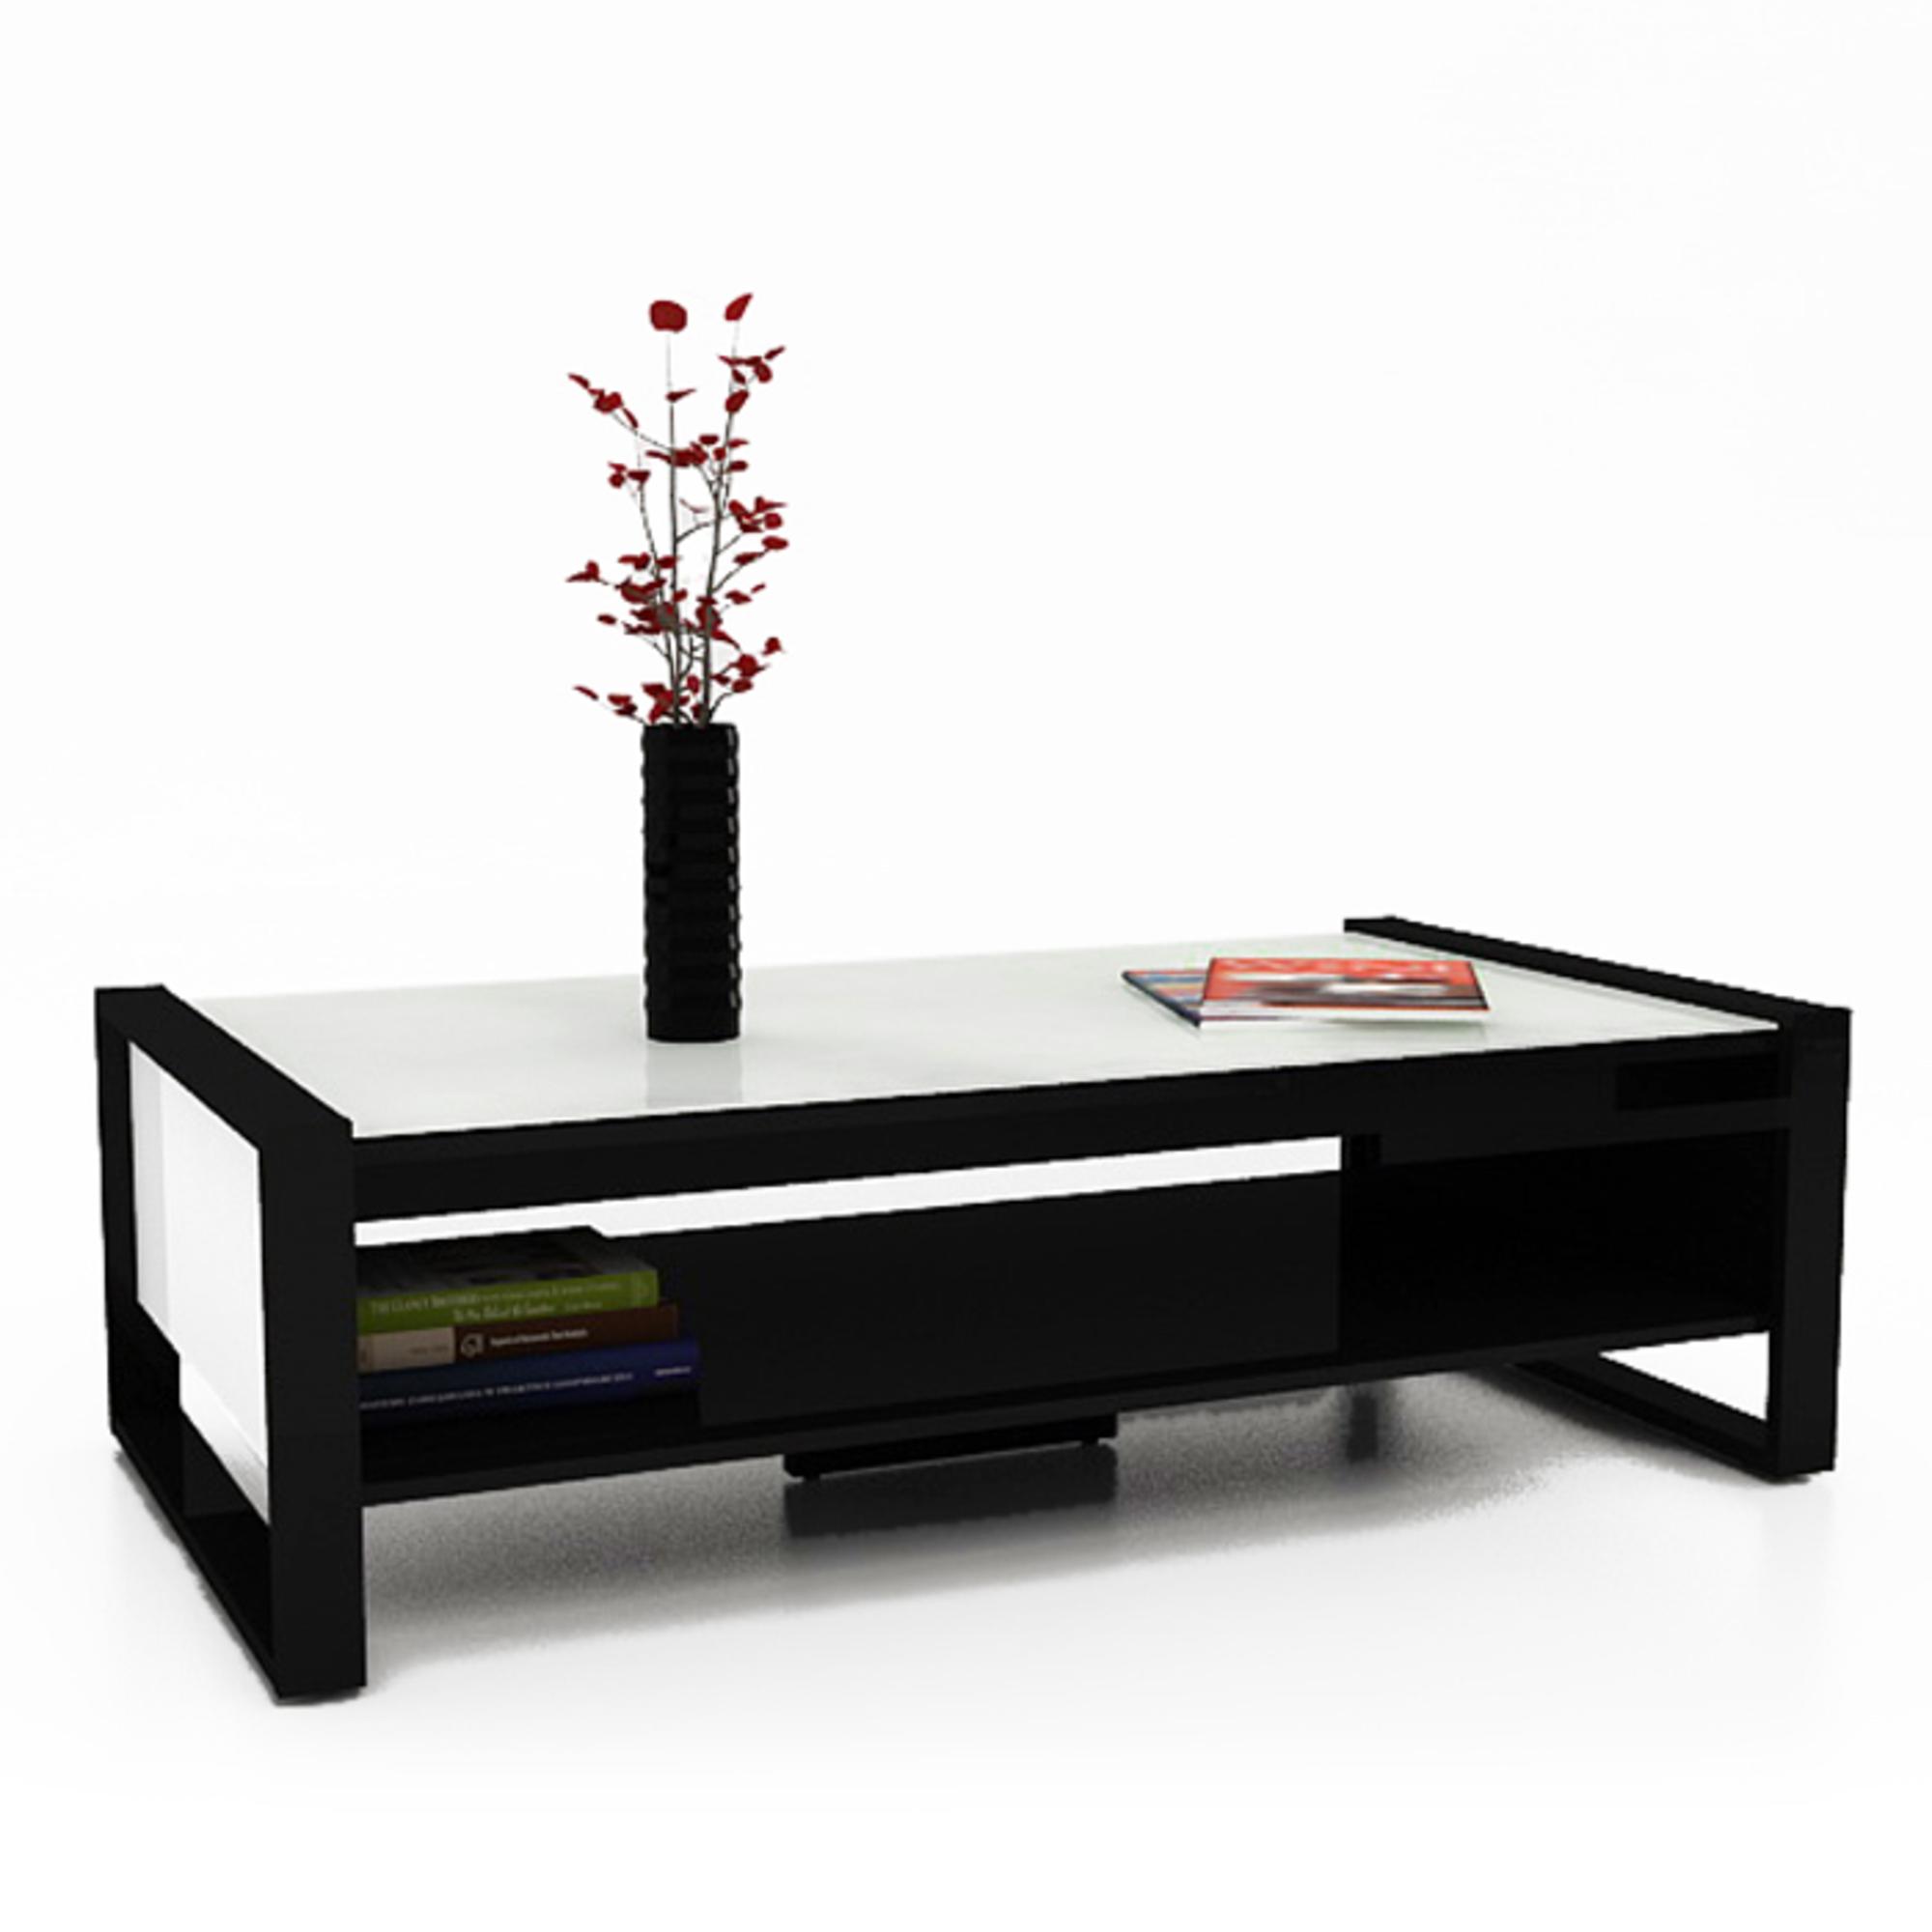 la maison de valerie table basse dirly prix 95 99 euros ventes pas. Black Bedroom Furniture Sets. Home Design Ideas